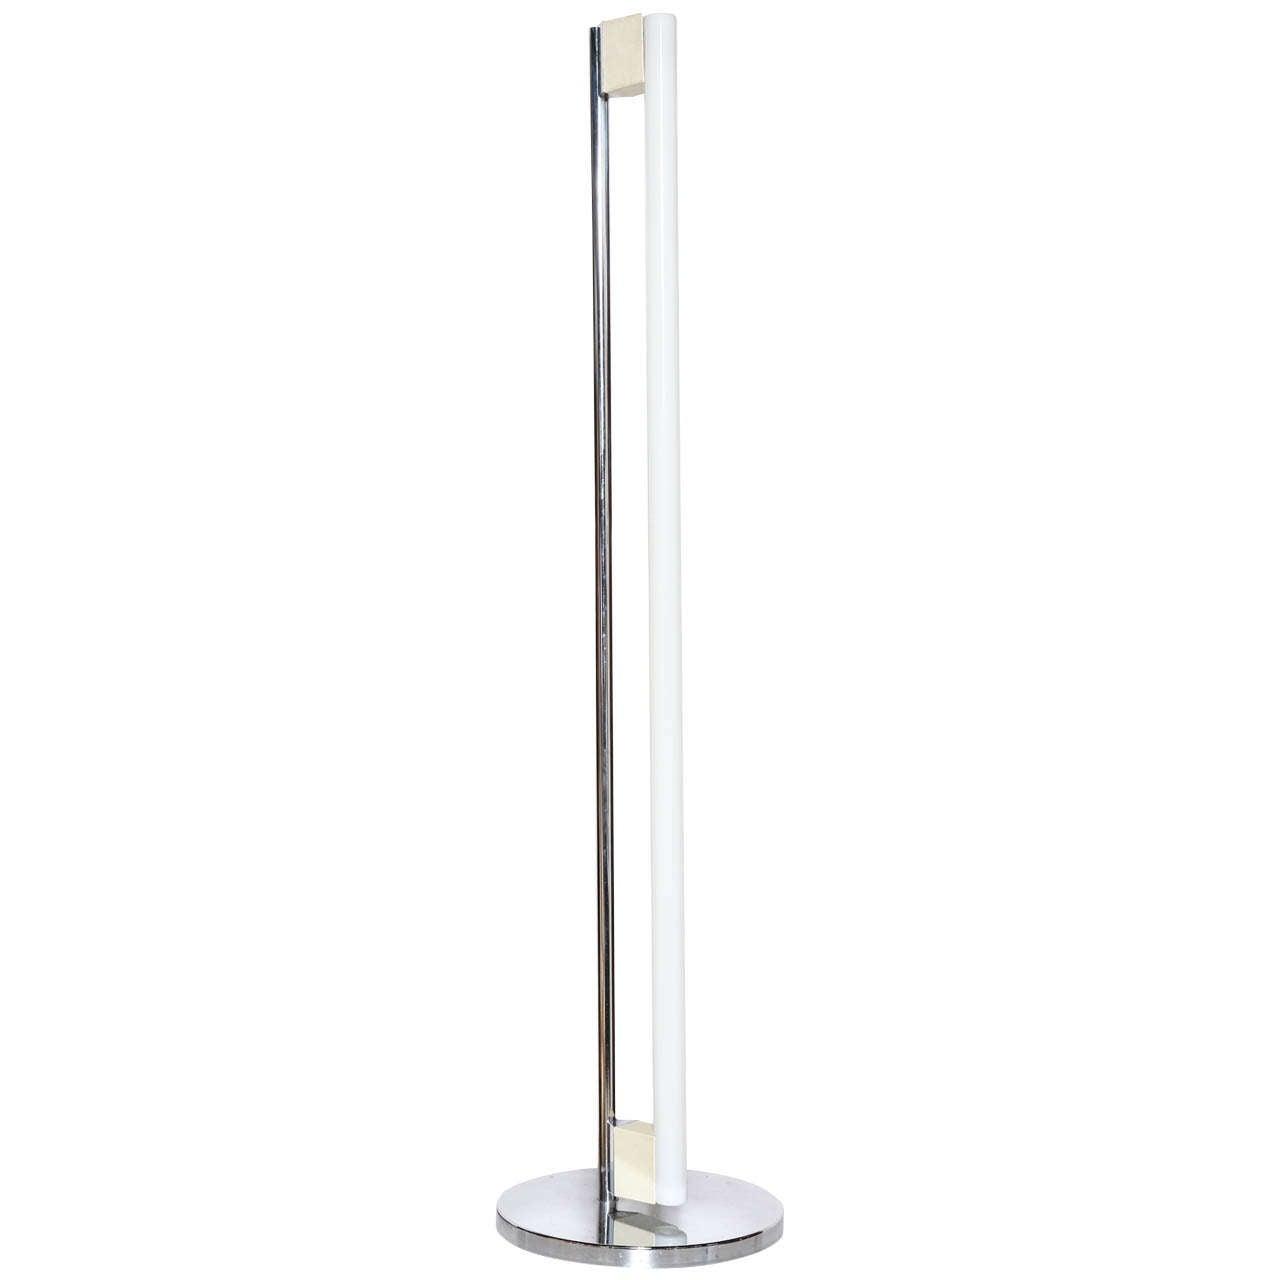 Eileen Gray designed Fluorescent Tube Floor Lamp at 1stdibs